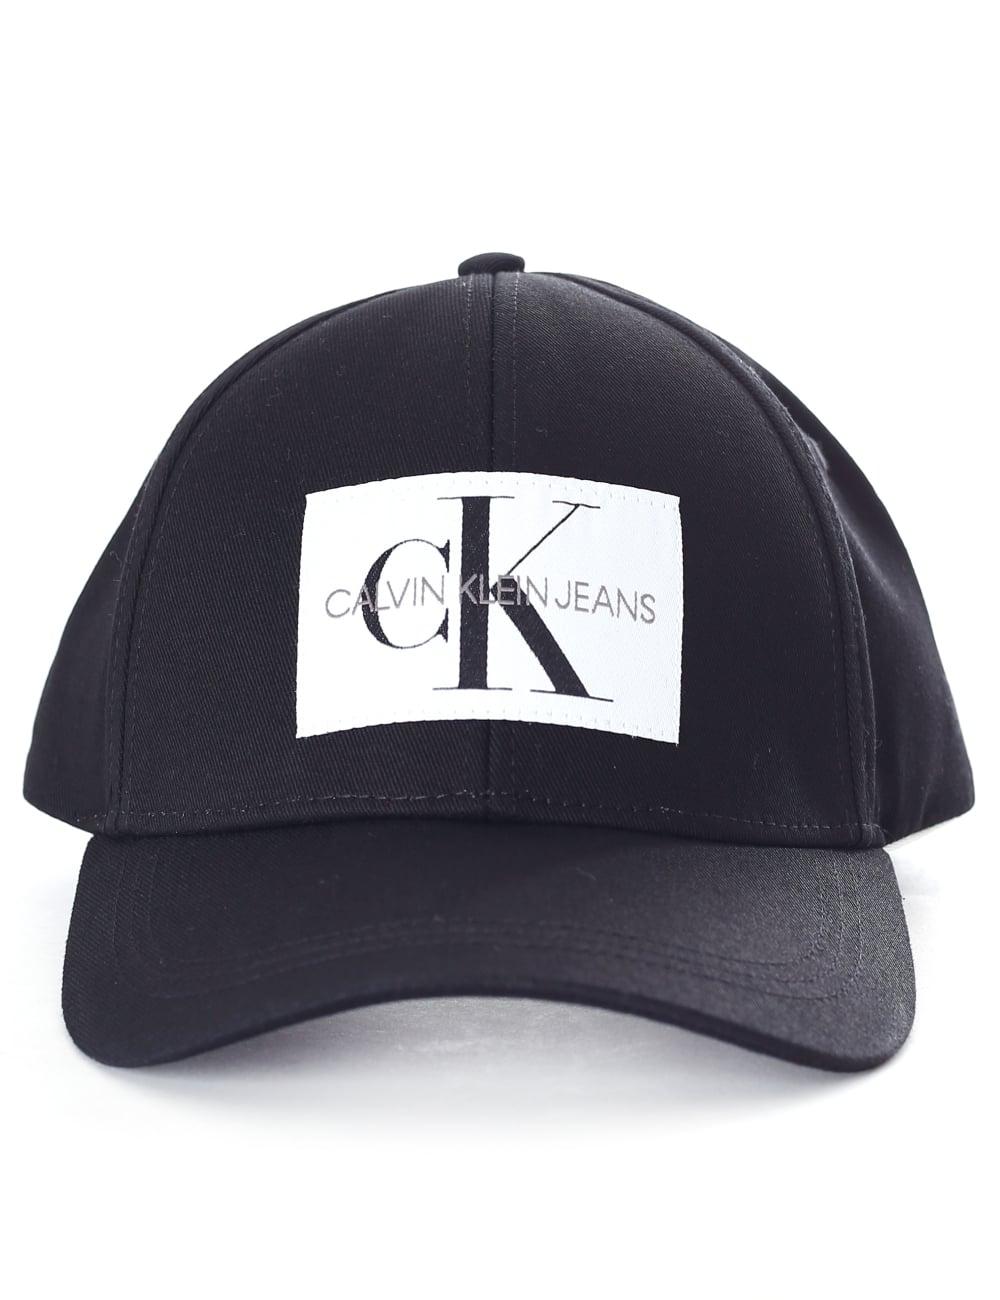 c56422ab56fef Calvin Klein Men s Logo Patch Cap Black Beauty